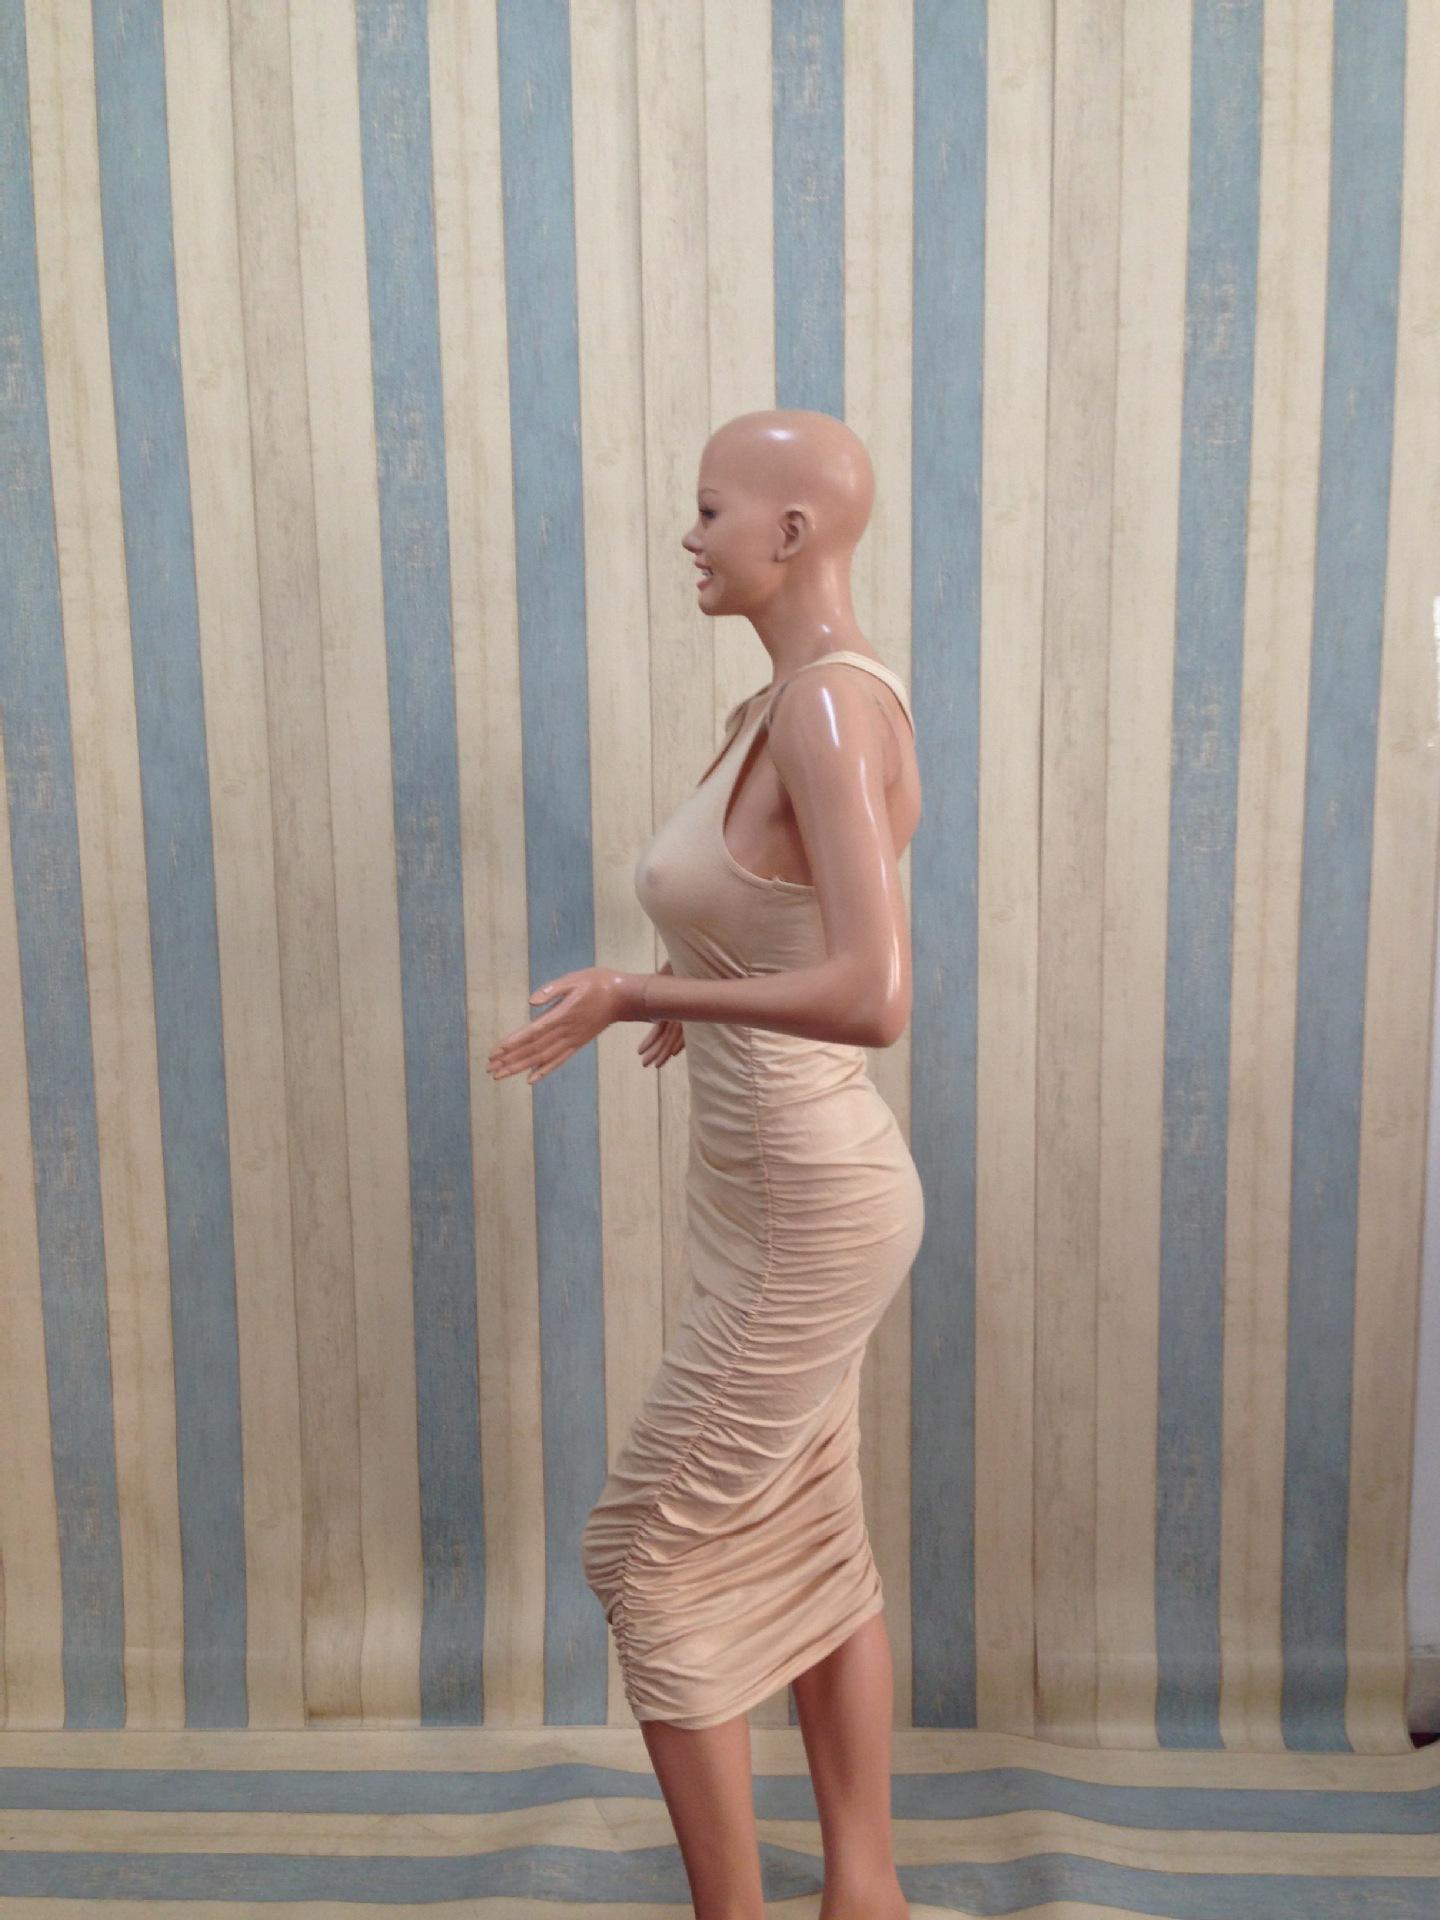 블랙 화이트 그레이 그린 베이지 여름 스타일 여성 코튼 드레스 긴 Pleated 가기 섹시한 붕대 캐주얼 조끼 드레스 맥시 크기 S M L